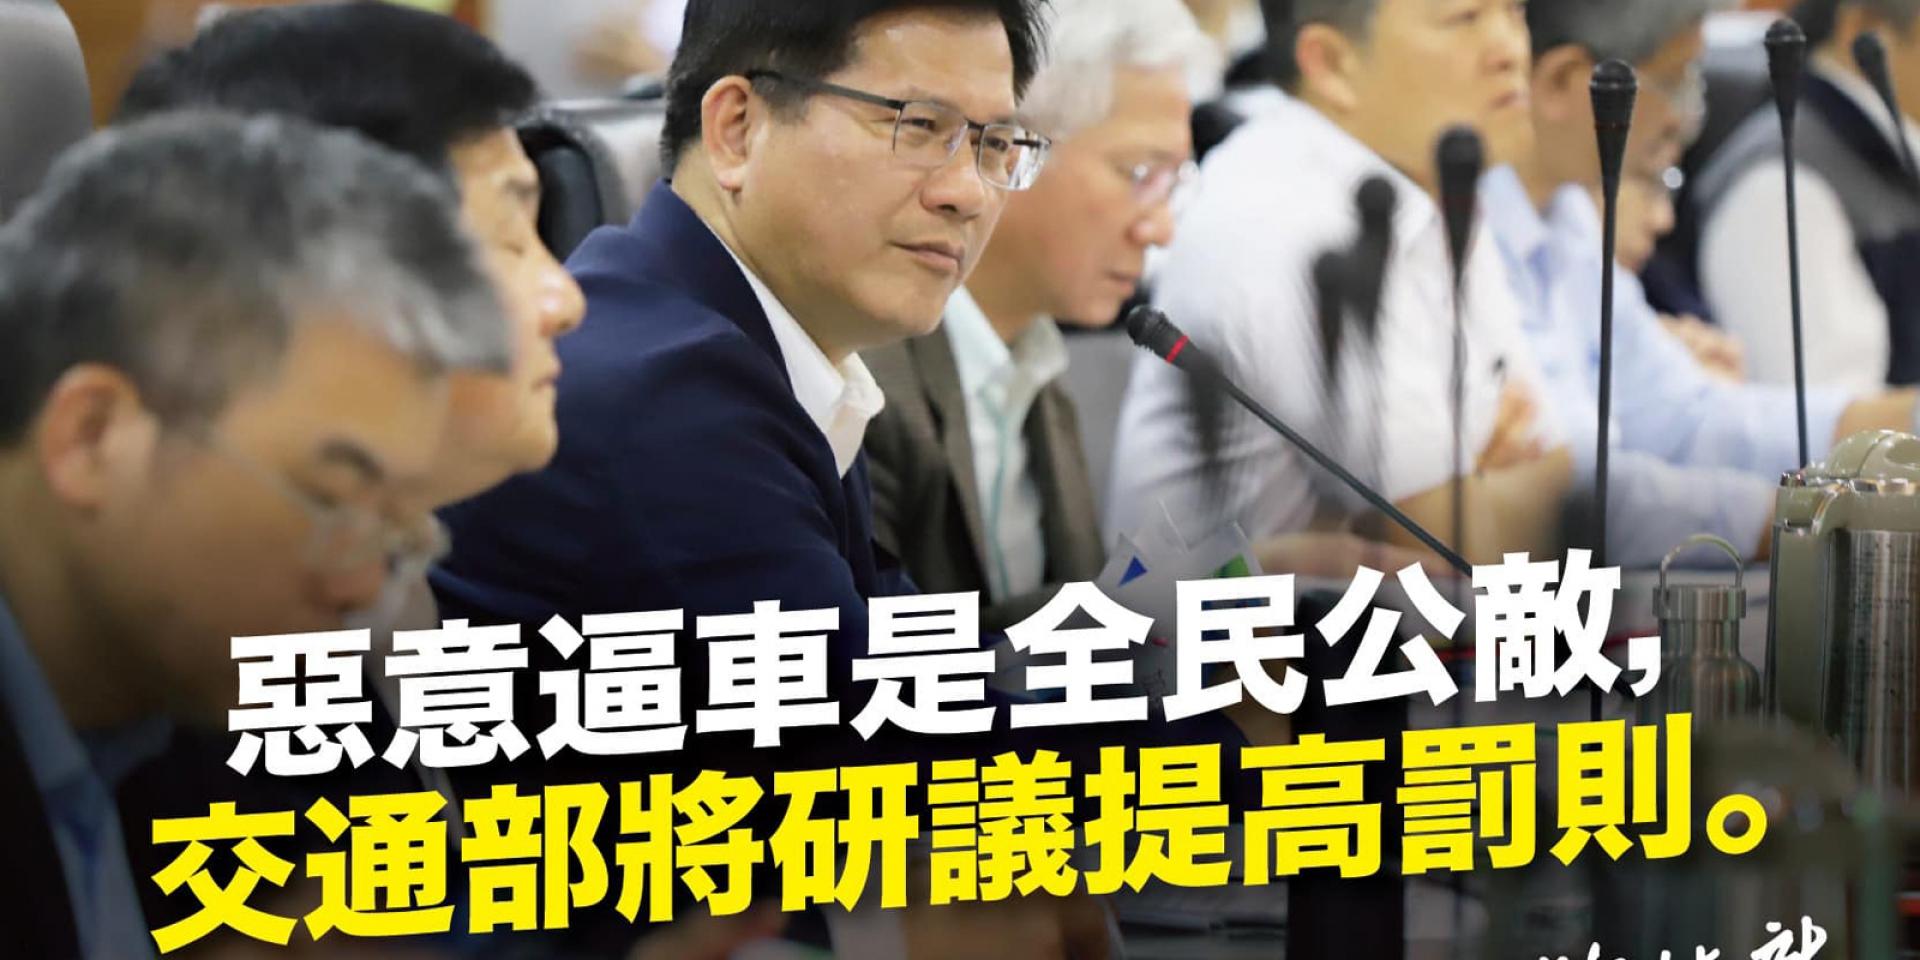 林佳龍:「逼車是全民公敵!」交通部研擬提高逼車罰則